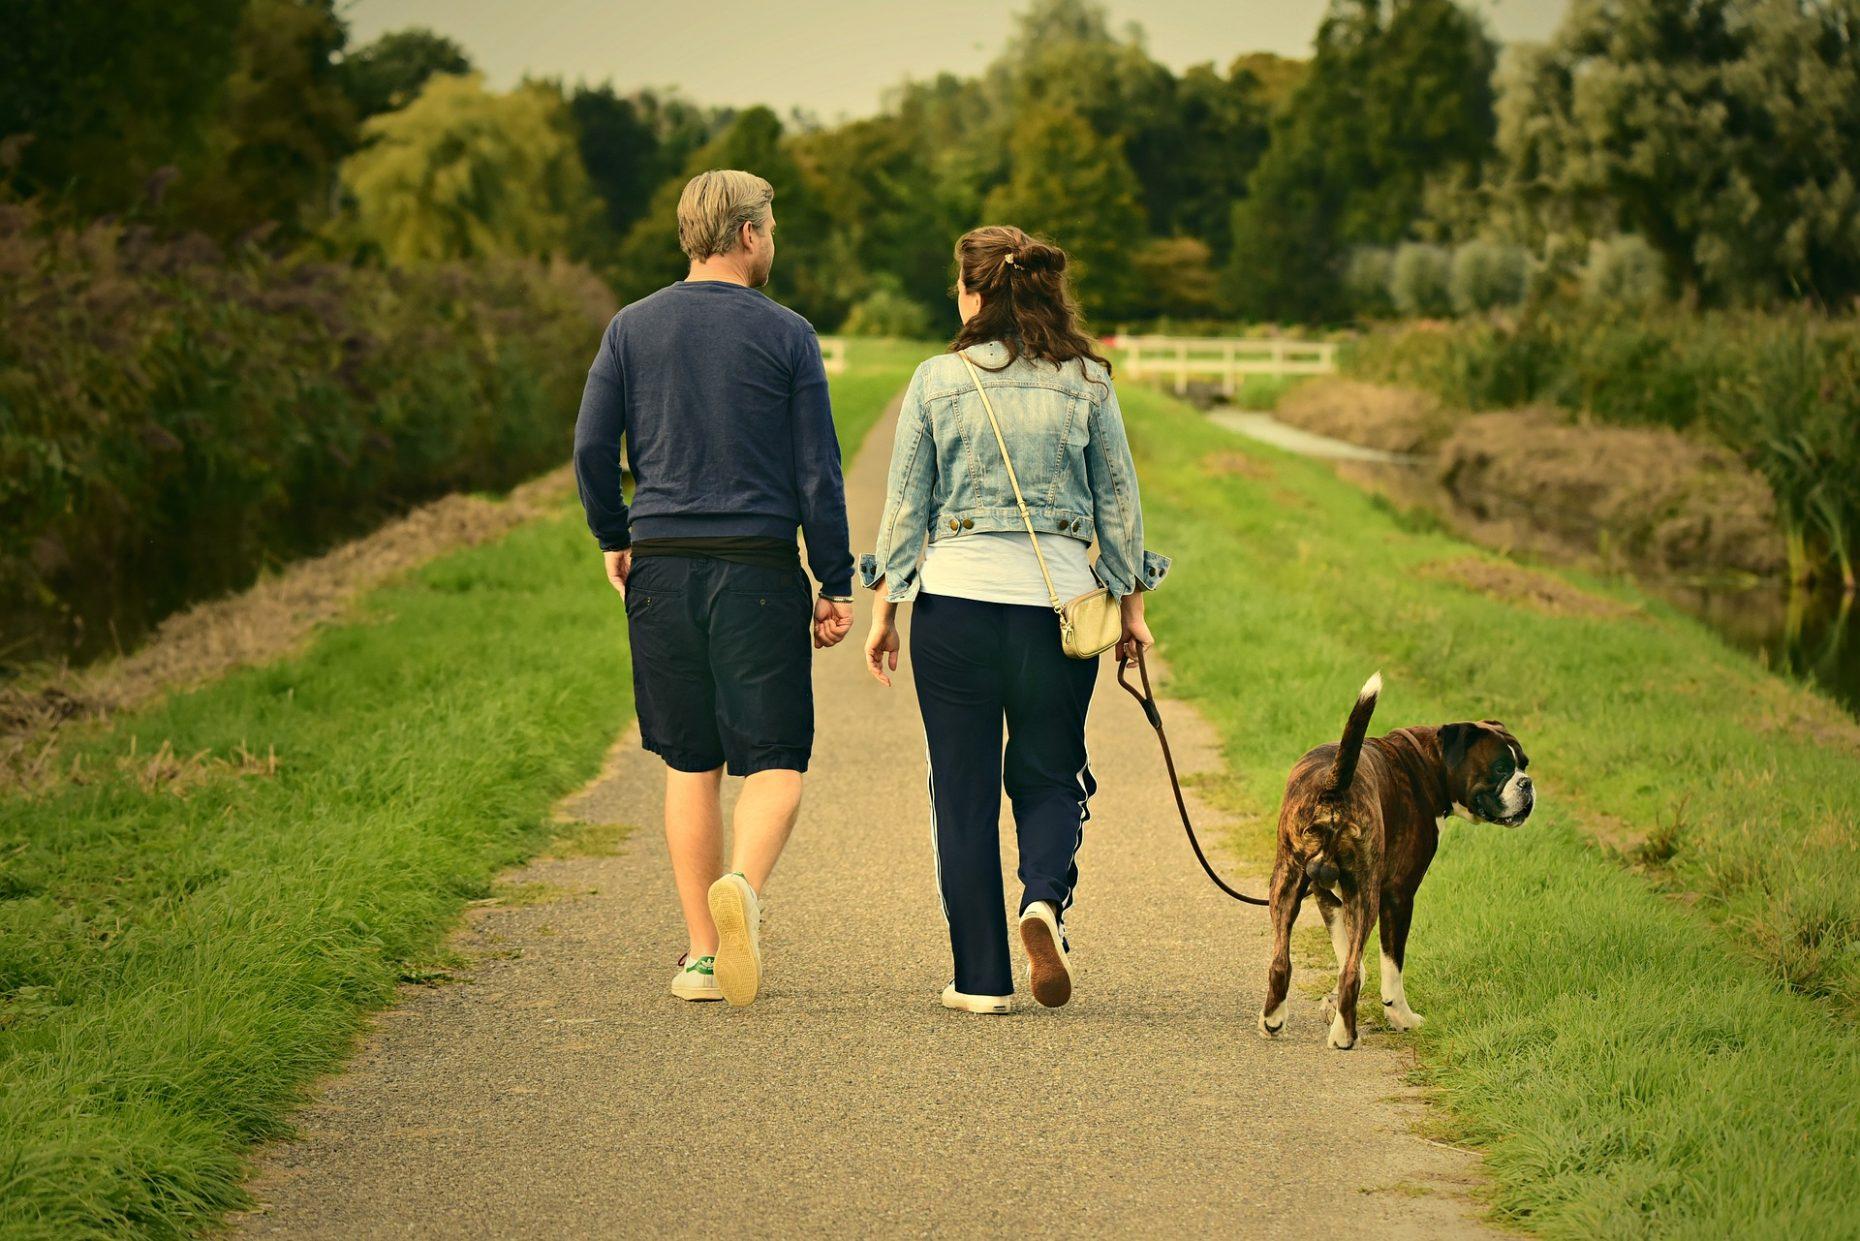 Benefits of dog walking